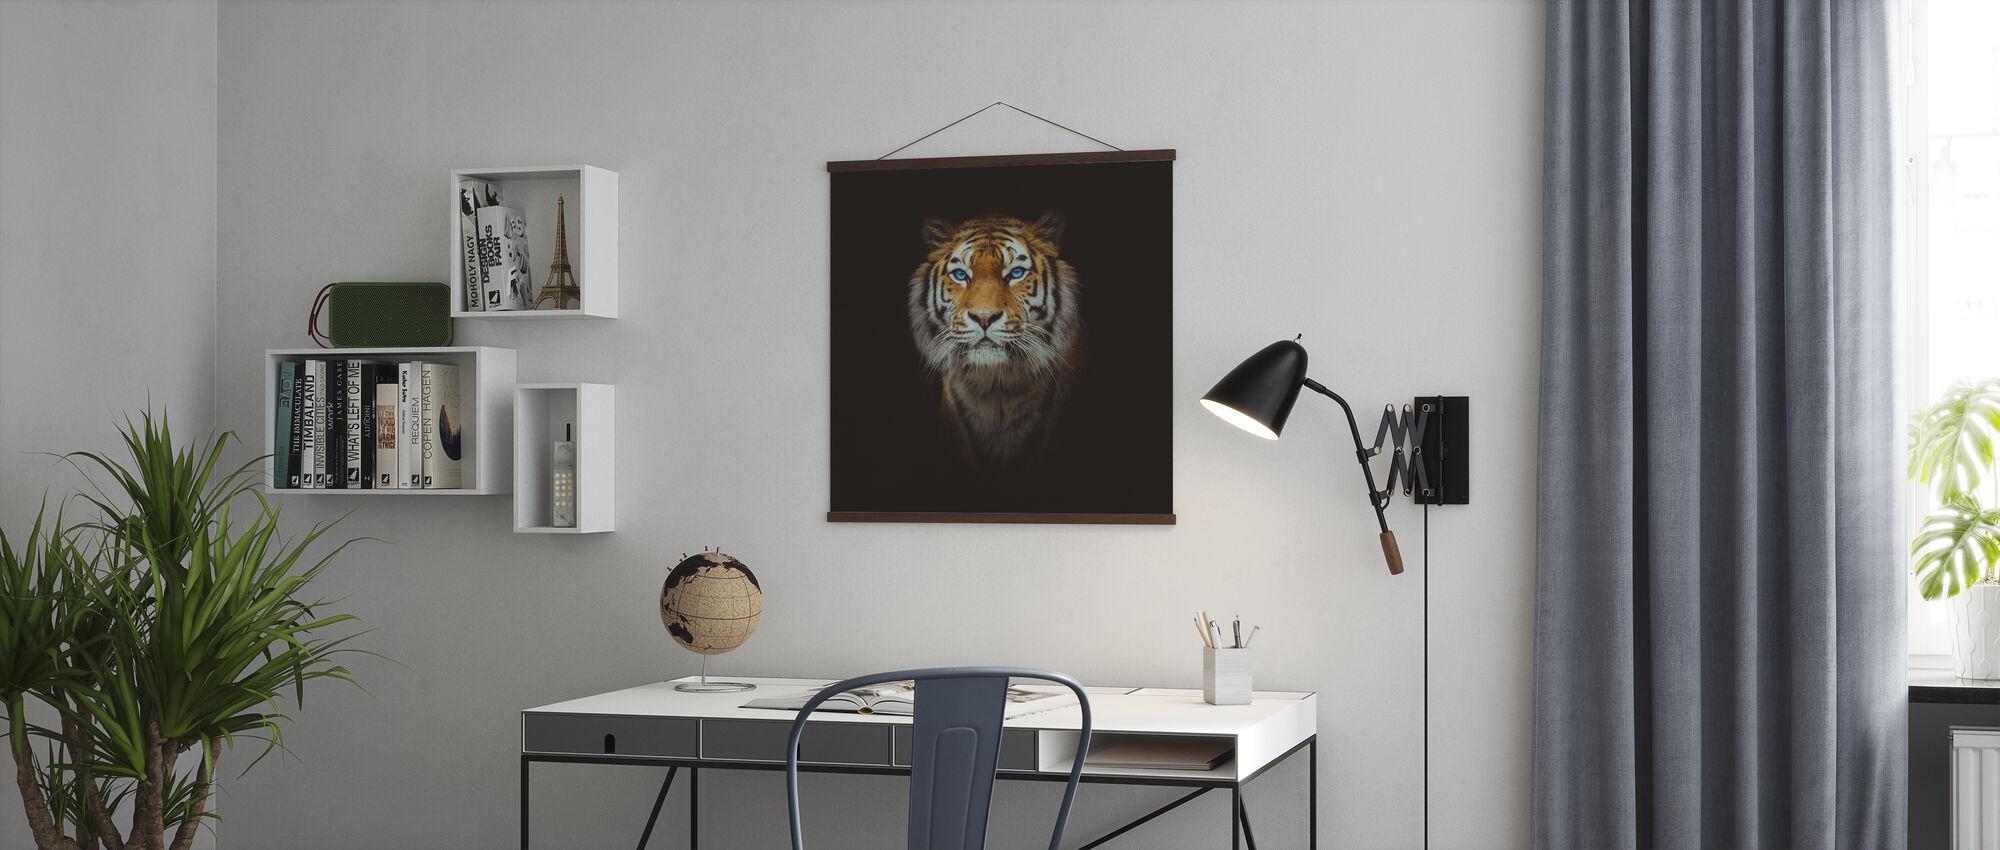 Auge des Tigers - Poster - Büro